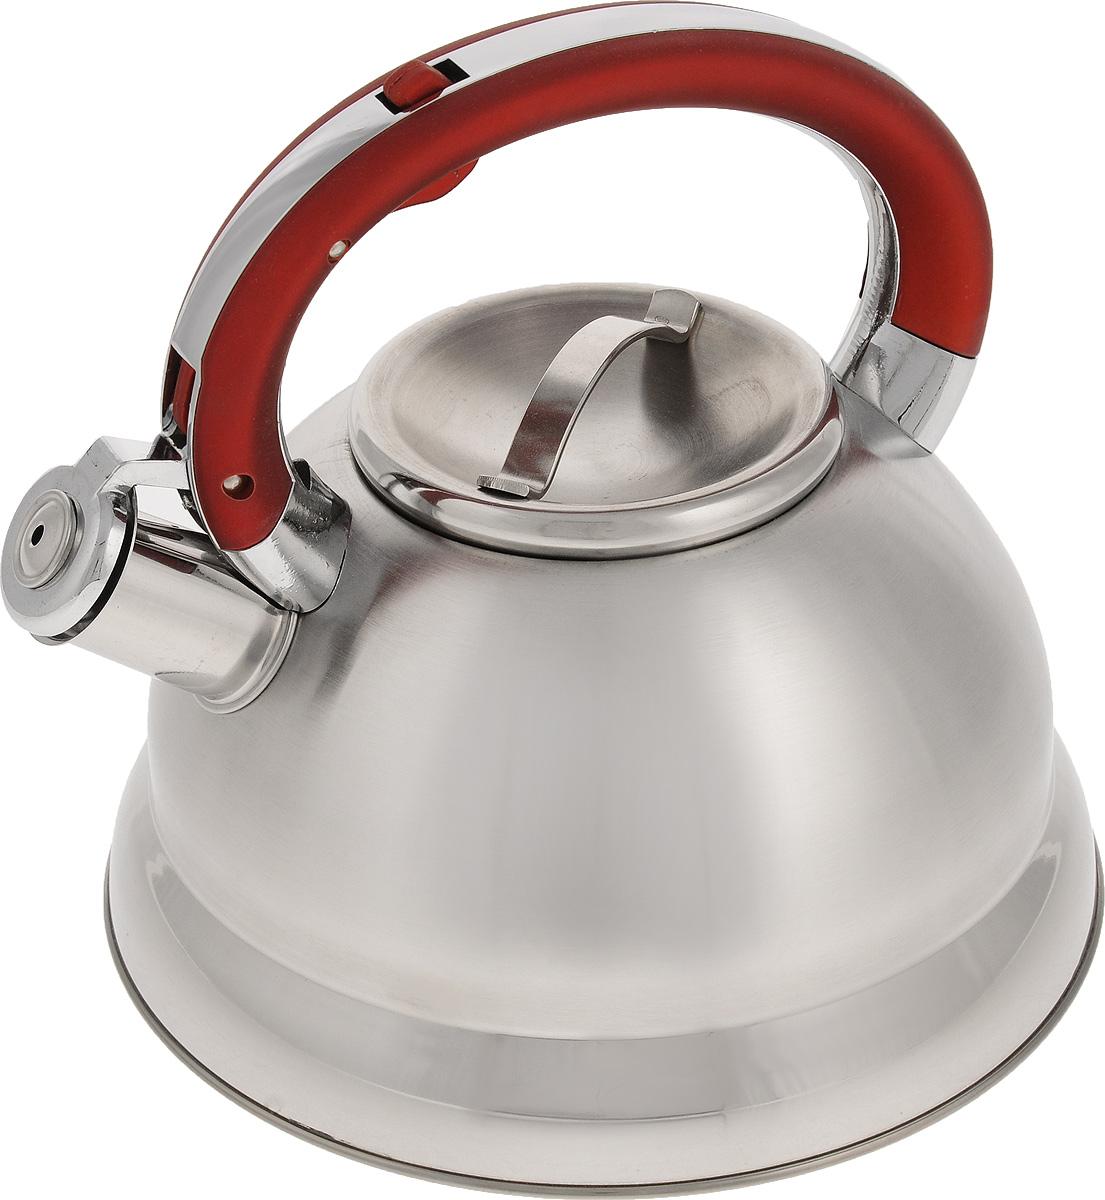 Чайник Mayer & Boch, со свистком, 2,6 л. 2275122751Чайник Mayer & Boch выполнен из высококачественной нержавеющей стали, что делает его весьма гигиеничным и устойчивым к износу при длительном использовании. Чайник оснащен неподвижной ручкой, изготовленной из цинкового сплава с нейлоном, и откидным свистком, который громким сигналом подскажет, когда вода закипела. Подходит для всех типов плит, кроме индукционных. Можно мыть в посудомоечной машине. Диаметр (по верхнему краю): 10 см. Диаметр основания: 22 см. Высота чайника (с учетом ручки и крышки): 21 см.